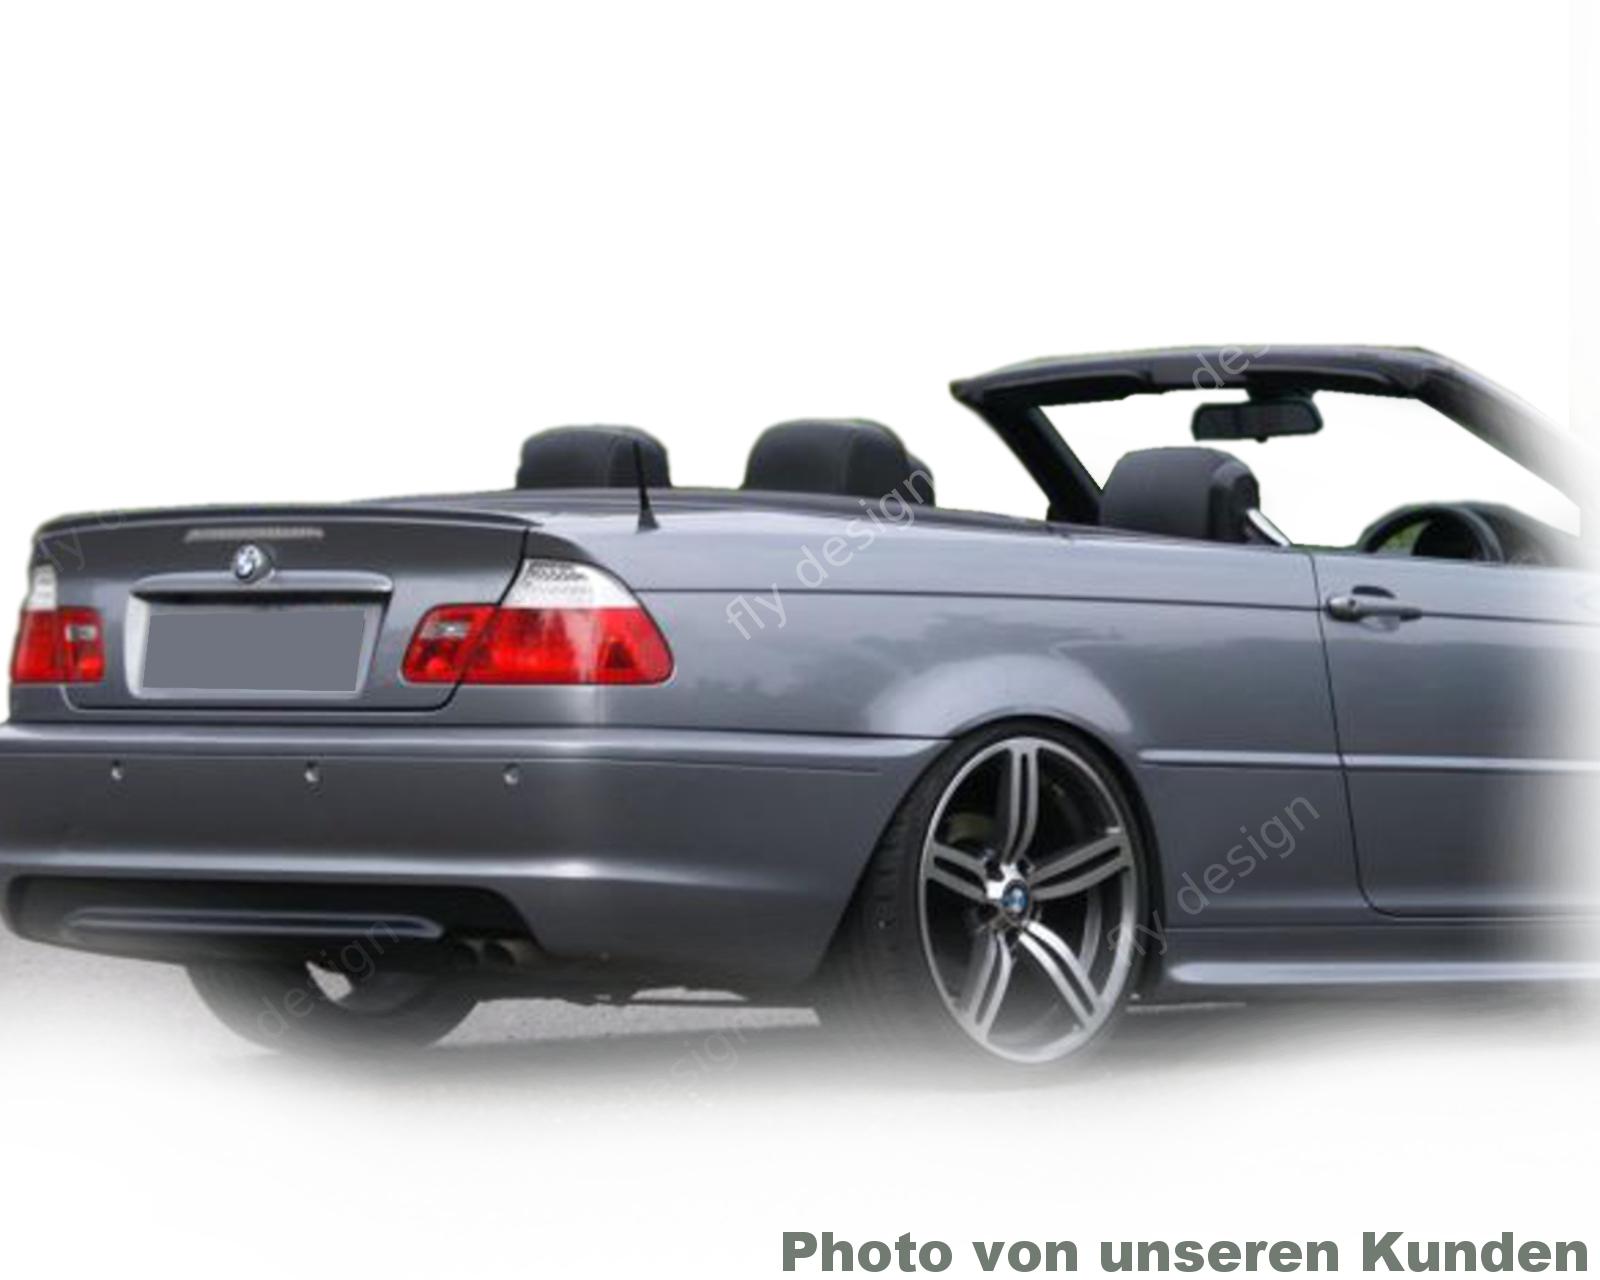 Für Bmw E46 3er Cabrio Spoiler Heckflügel Heckspoiler Kofferraum M3